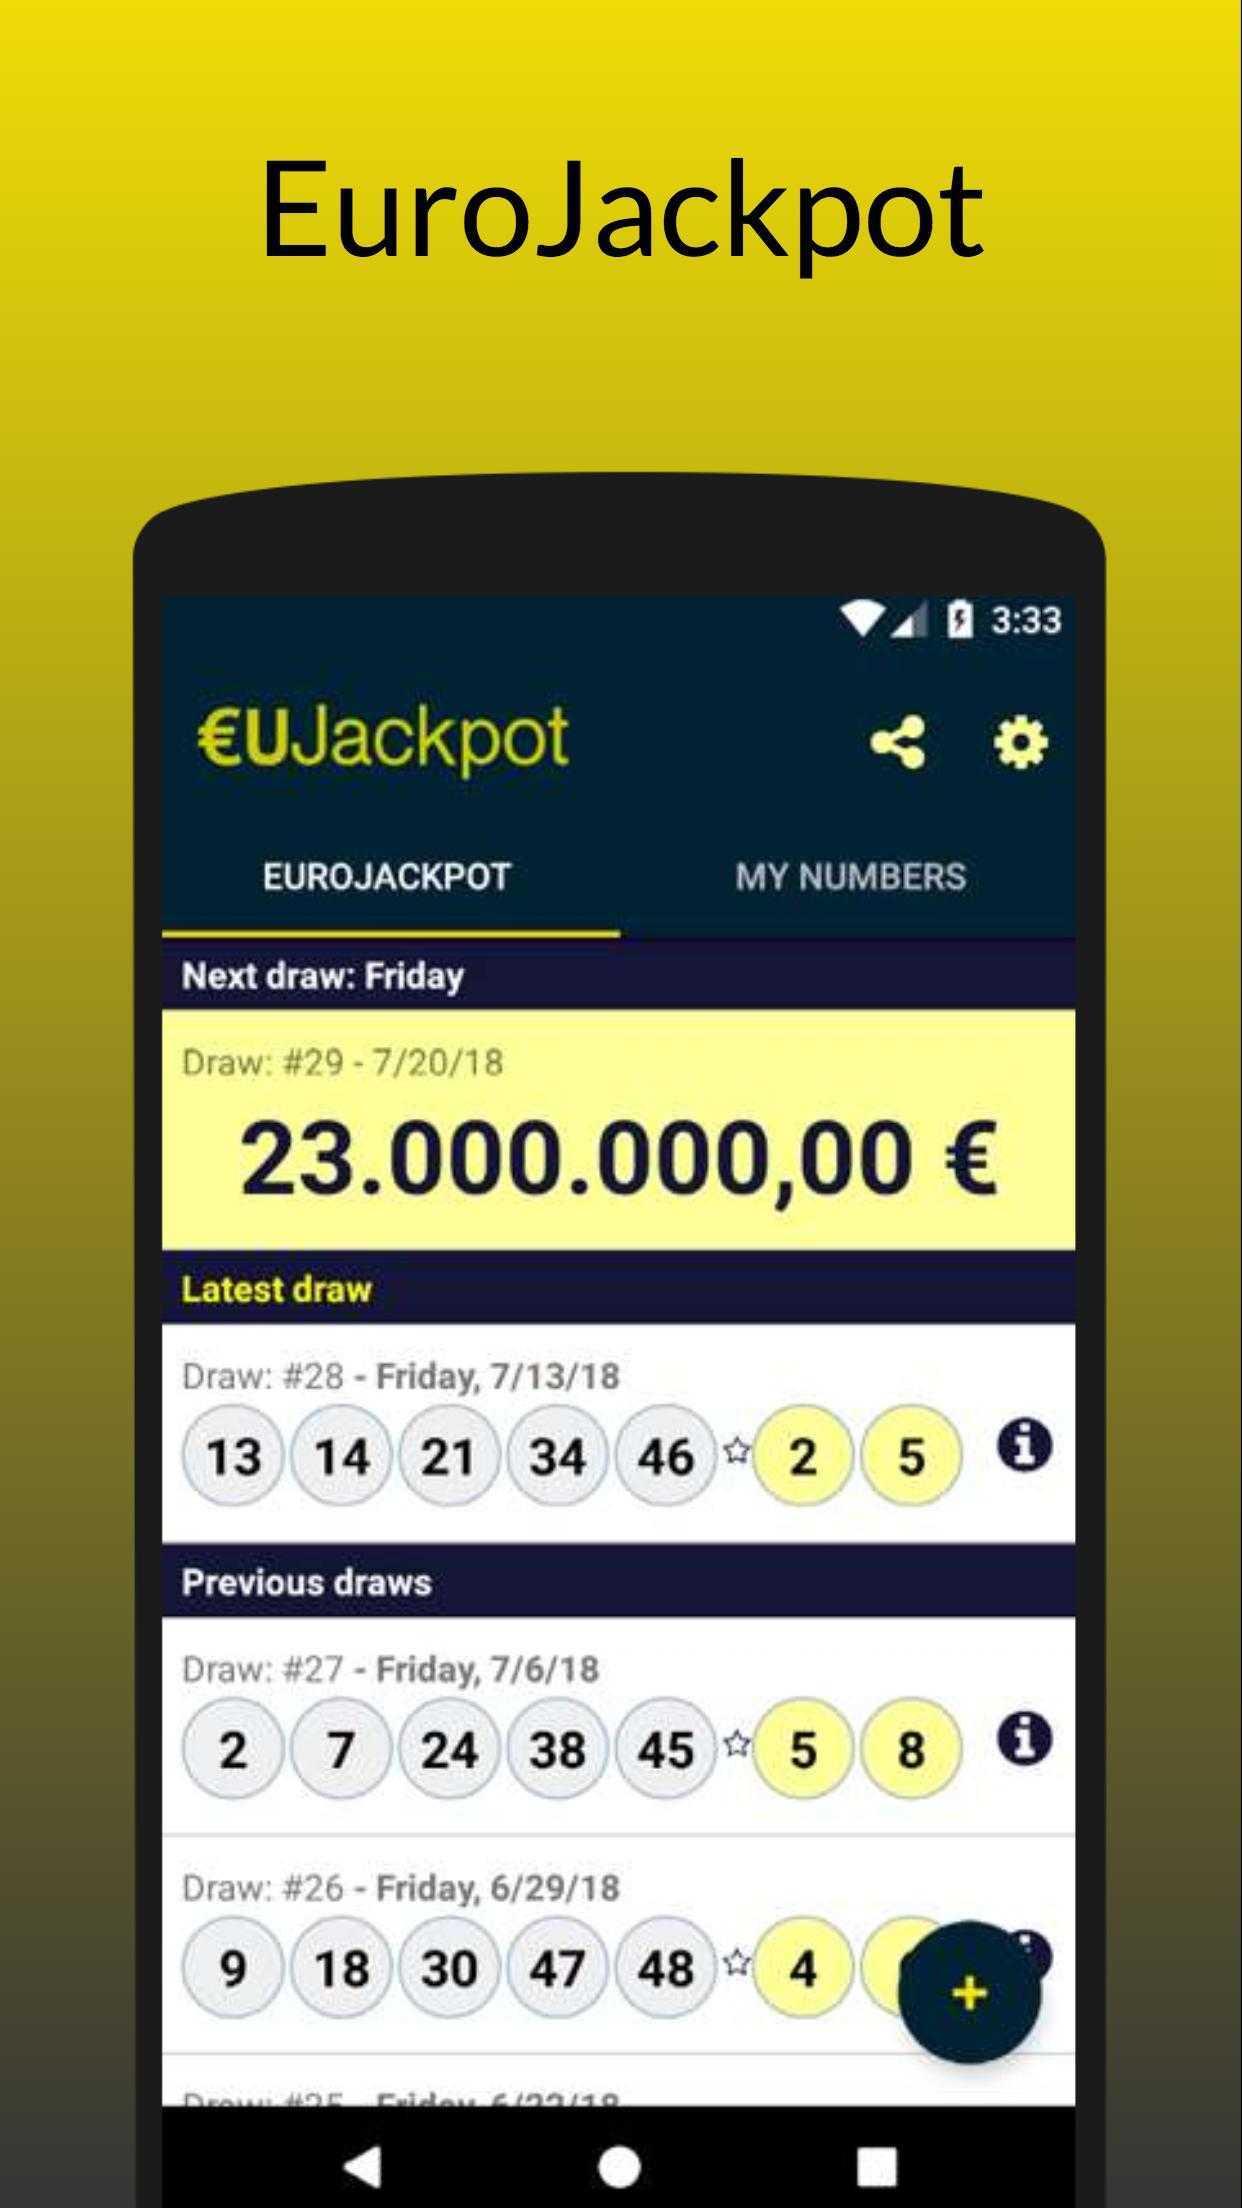 Výsledky Eurojackpot ›nejnovější